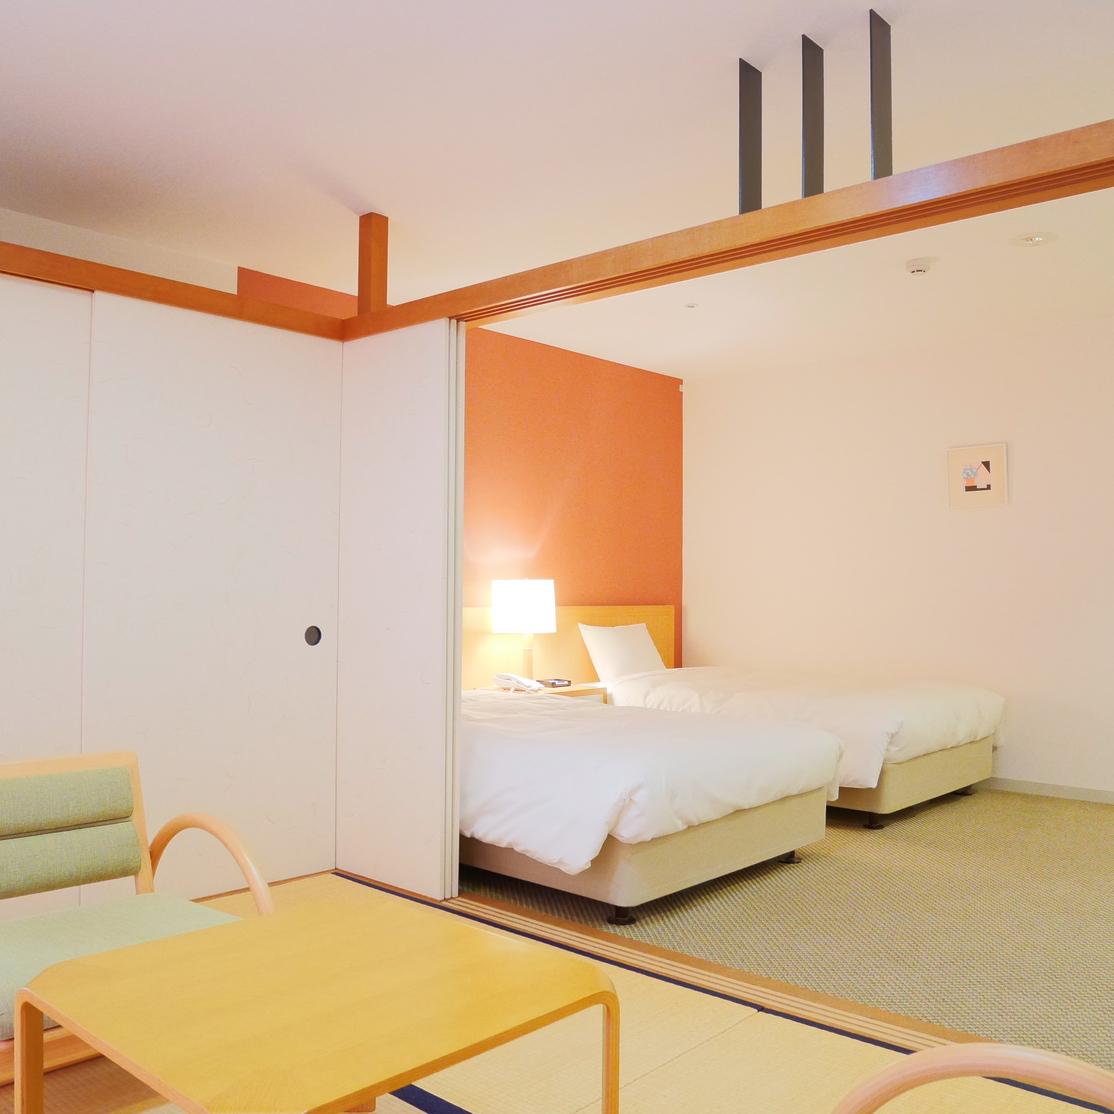 ◆新館和洋室4名定員バス・トイレ付